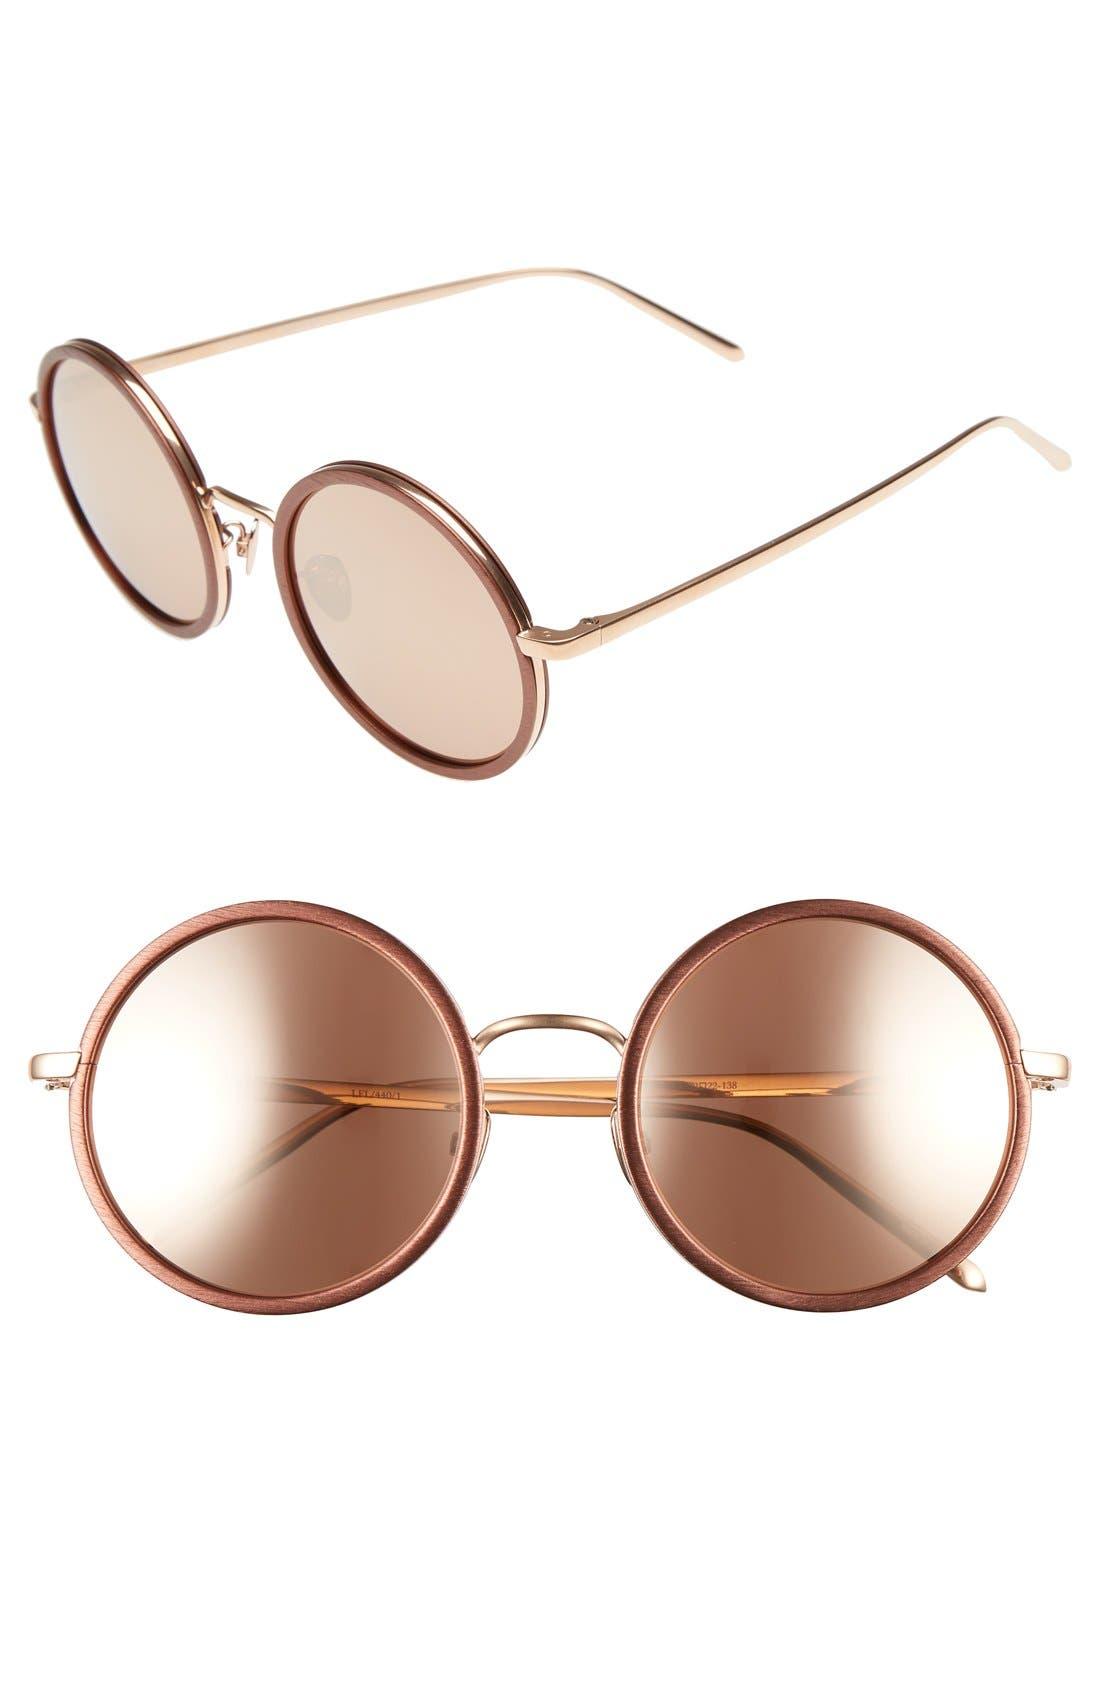 52mm Round 18 Karat Rose Gold Trim Sunglasses,                         Main,                         color, Copper Aluminum/ Rose Gold